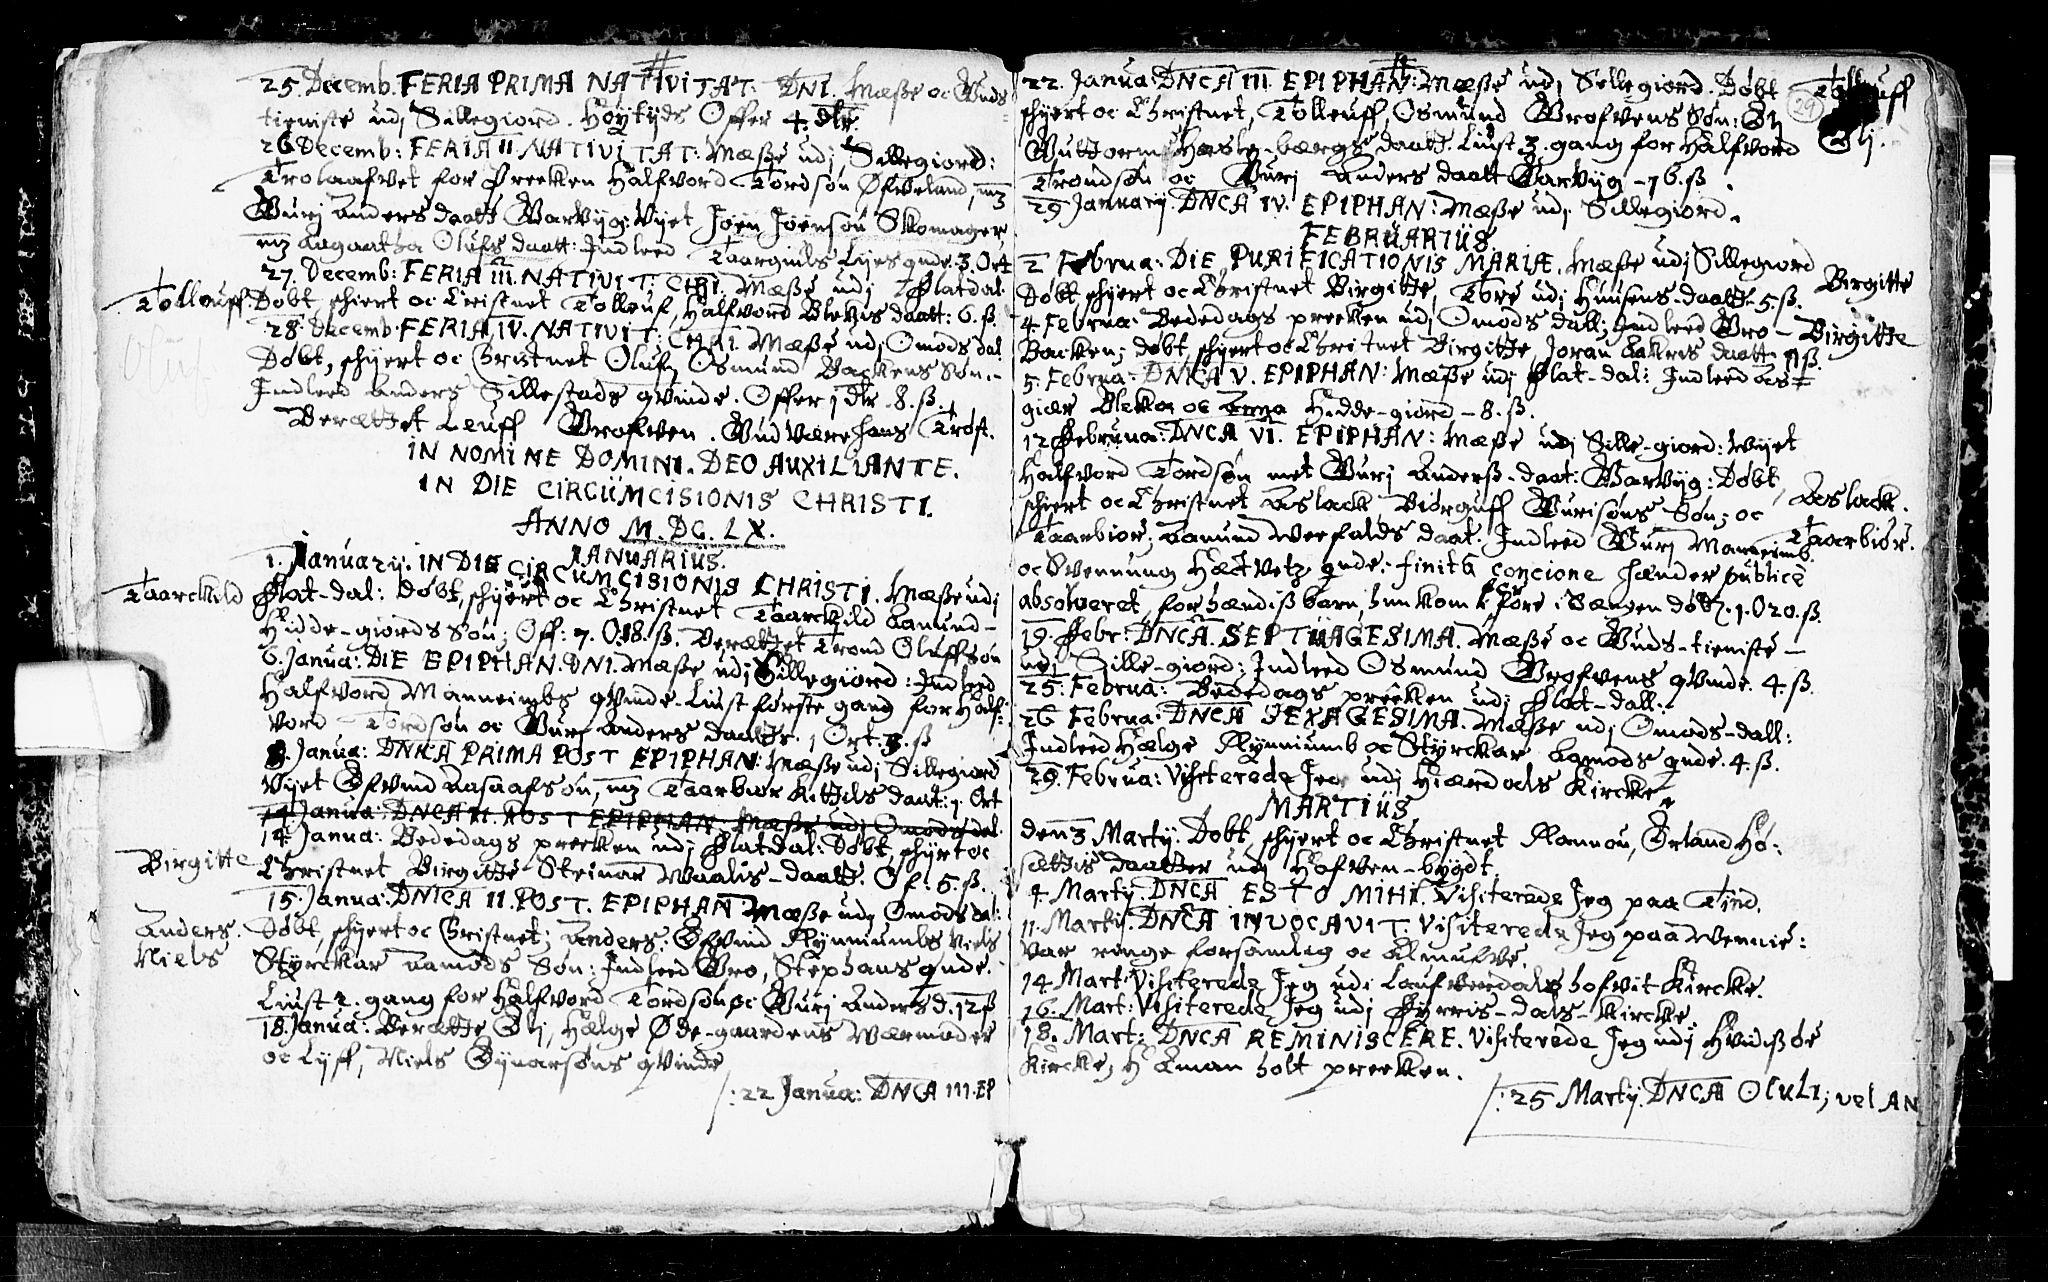 SAKO, Seljord kirkebøker, F/Fa/L0001: Ministerialbok nr. I 1, 1654-1686, s. 29